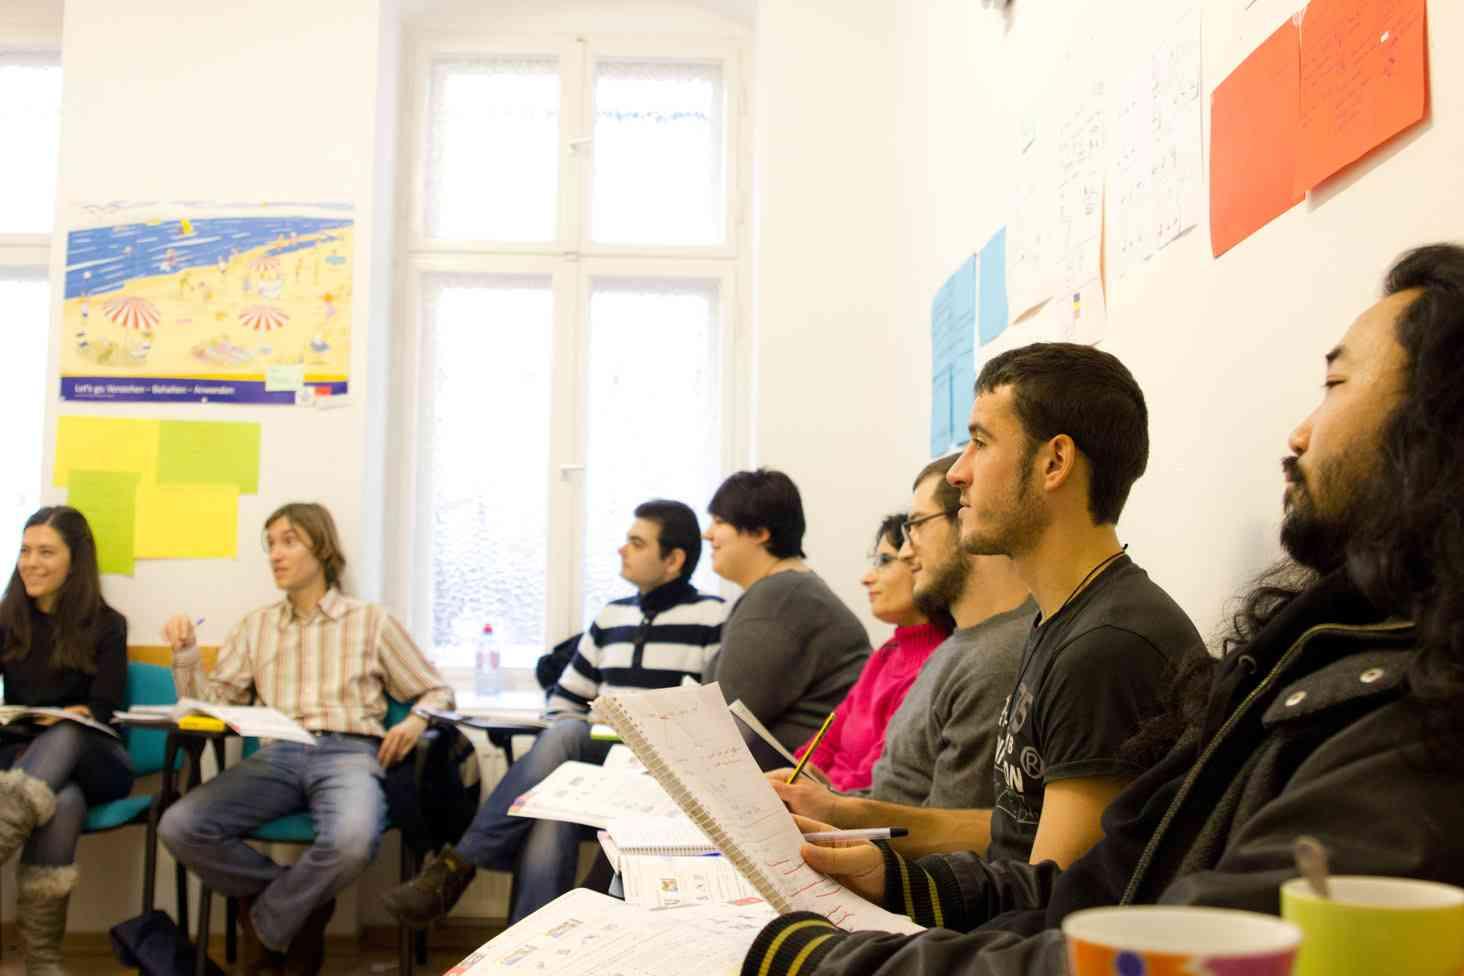 ab - étudiants école de langue Anda-Sprachschule Berlin Friedrichshain